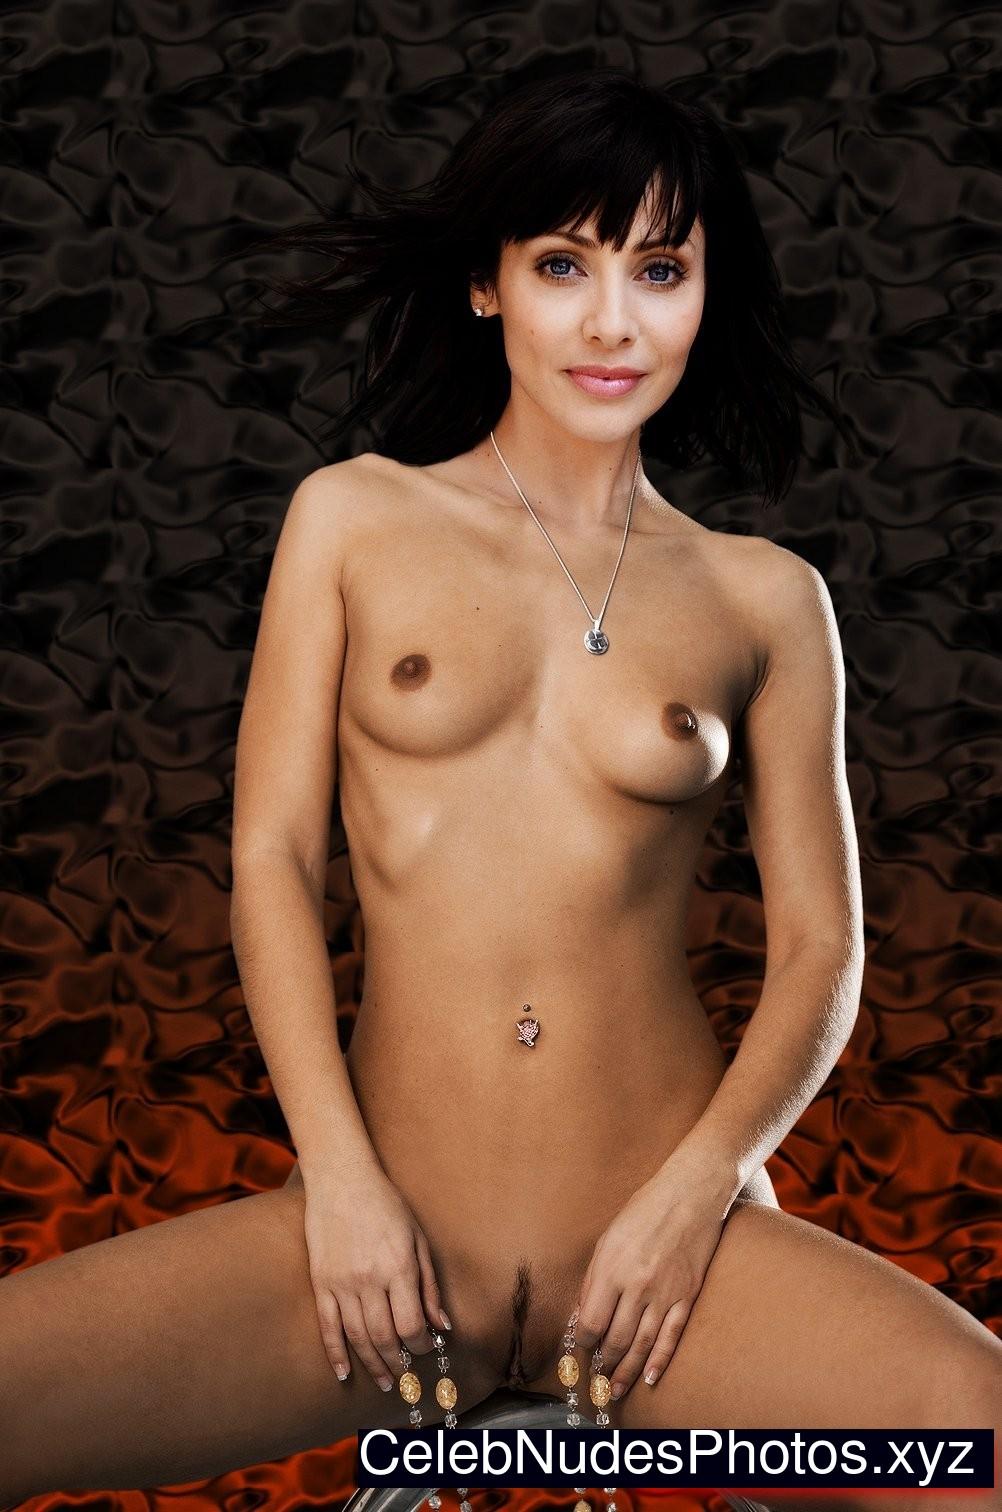 Fake nude celebs the list you